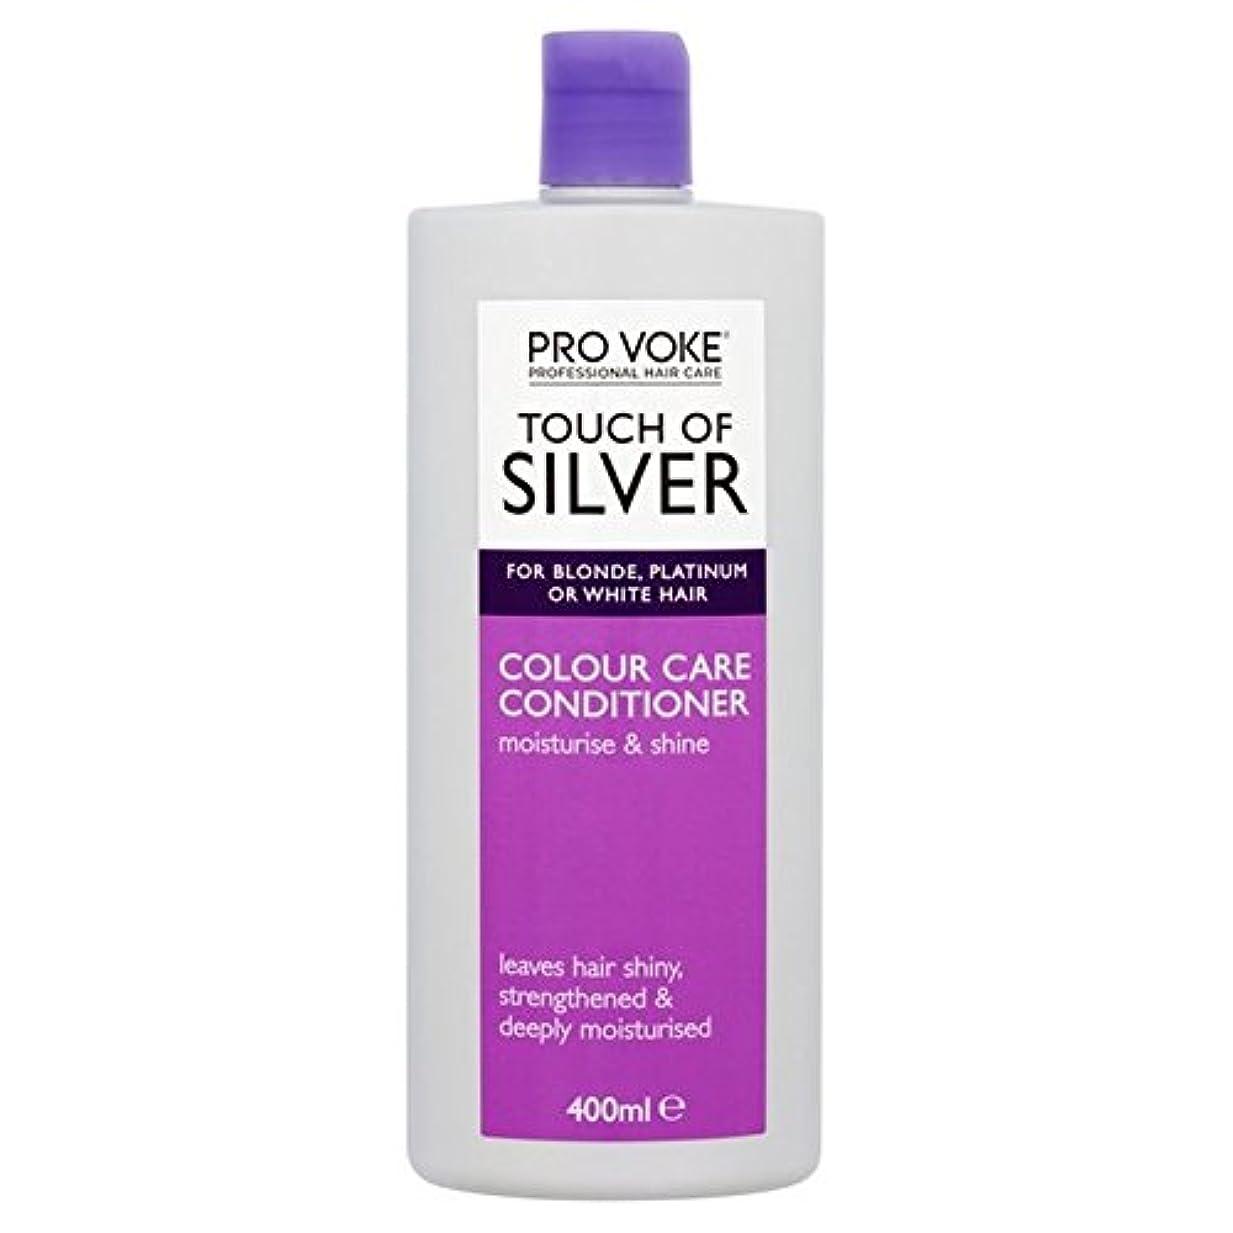 権限を与える居住者比類なき銀毎日ナリッシュコンディショナー400ミリリットルのタッチ x2 - Touch of Silver Daily Nourish Conditioner 400ml (Pack of 2) [並行輸入品]